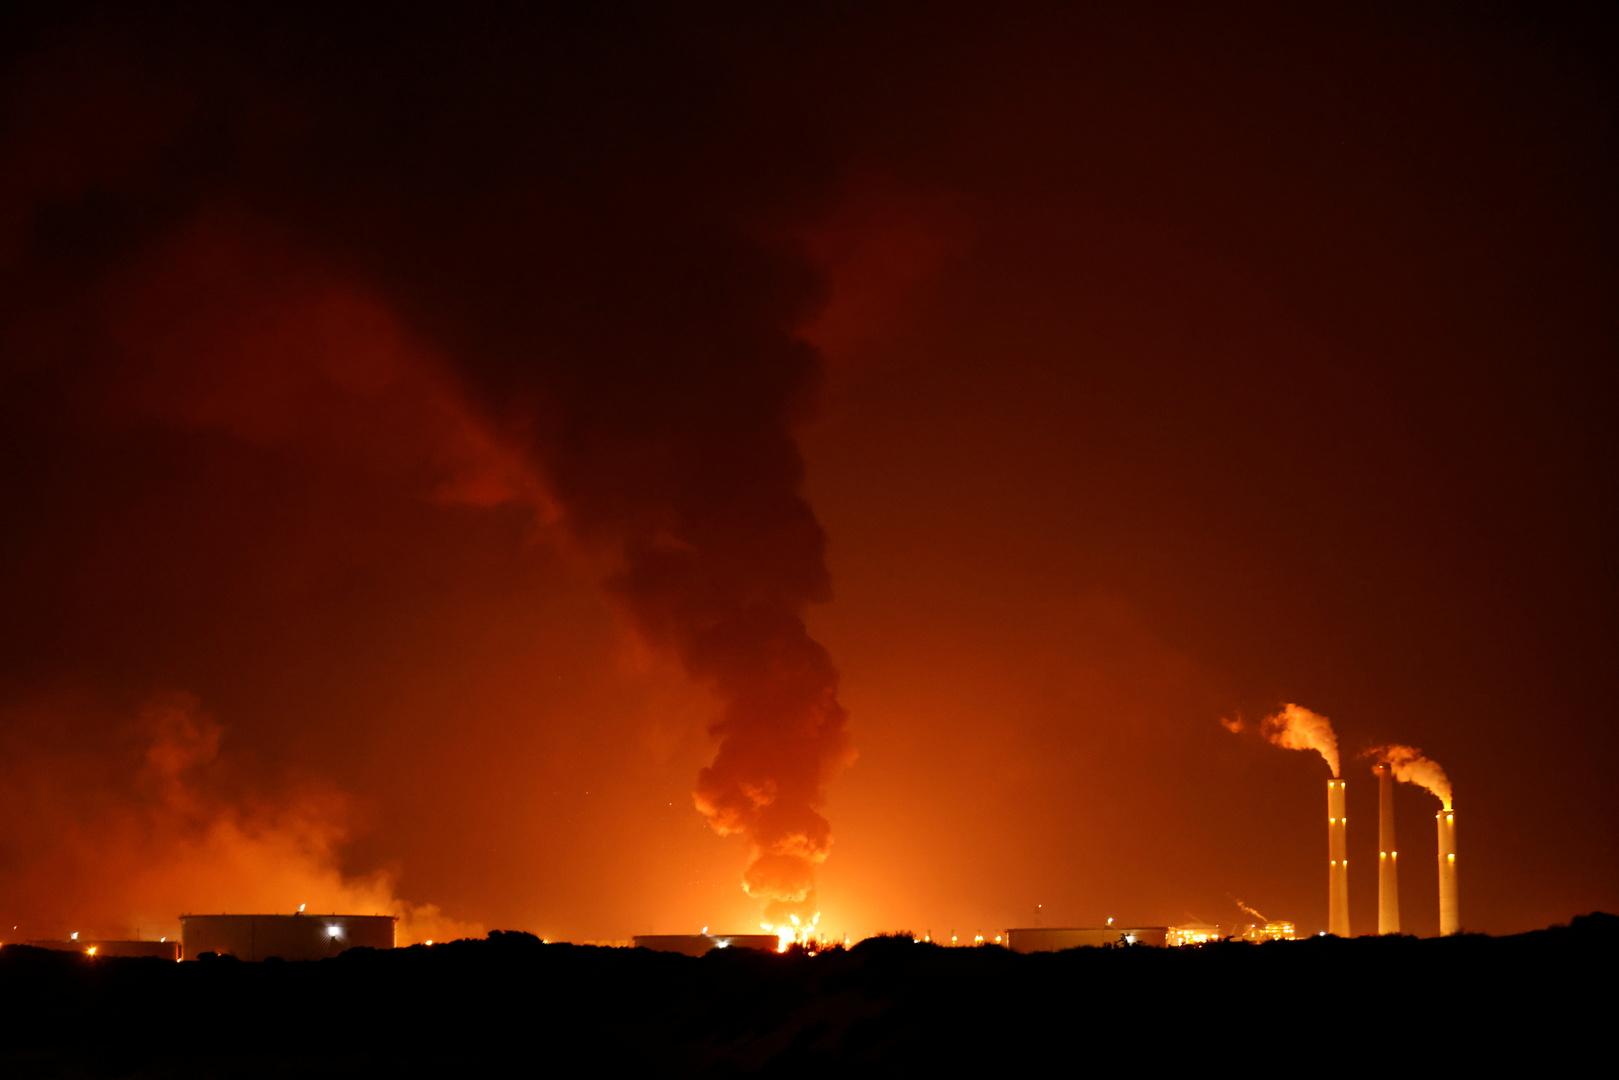 الجيش الإسرائيلي يعلن قصف مكاتب استخبارات